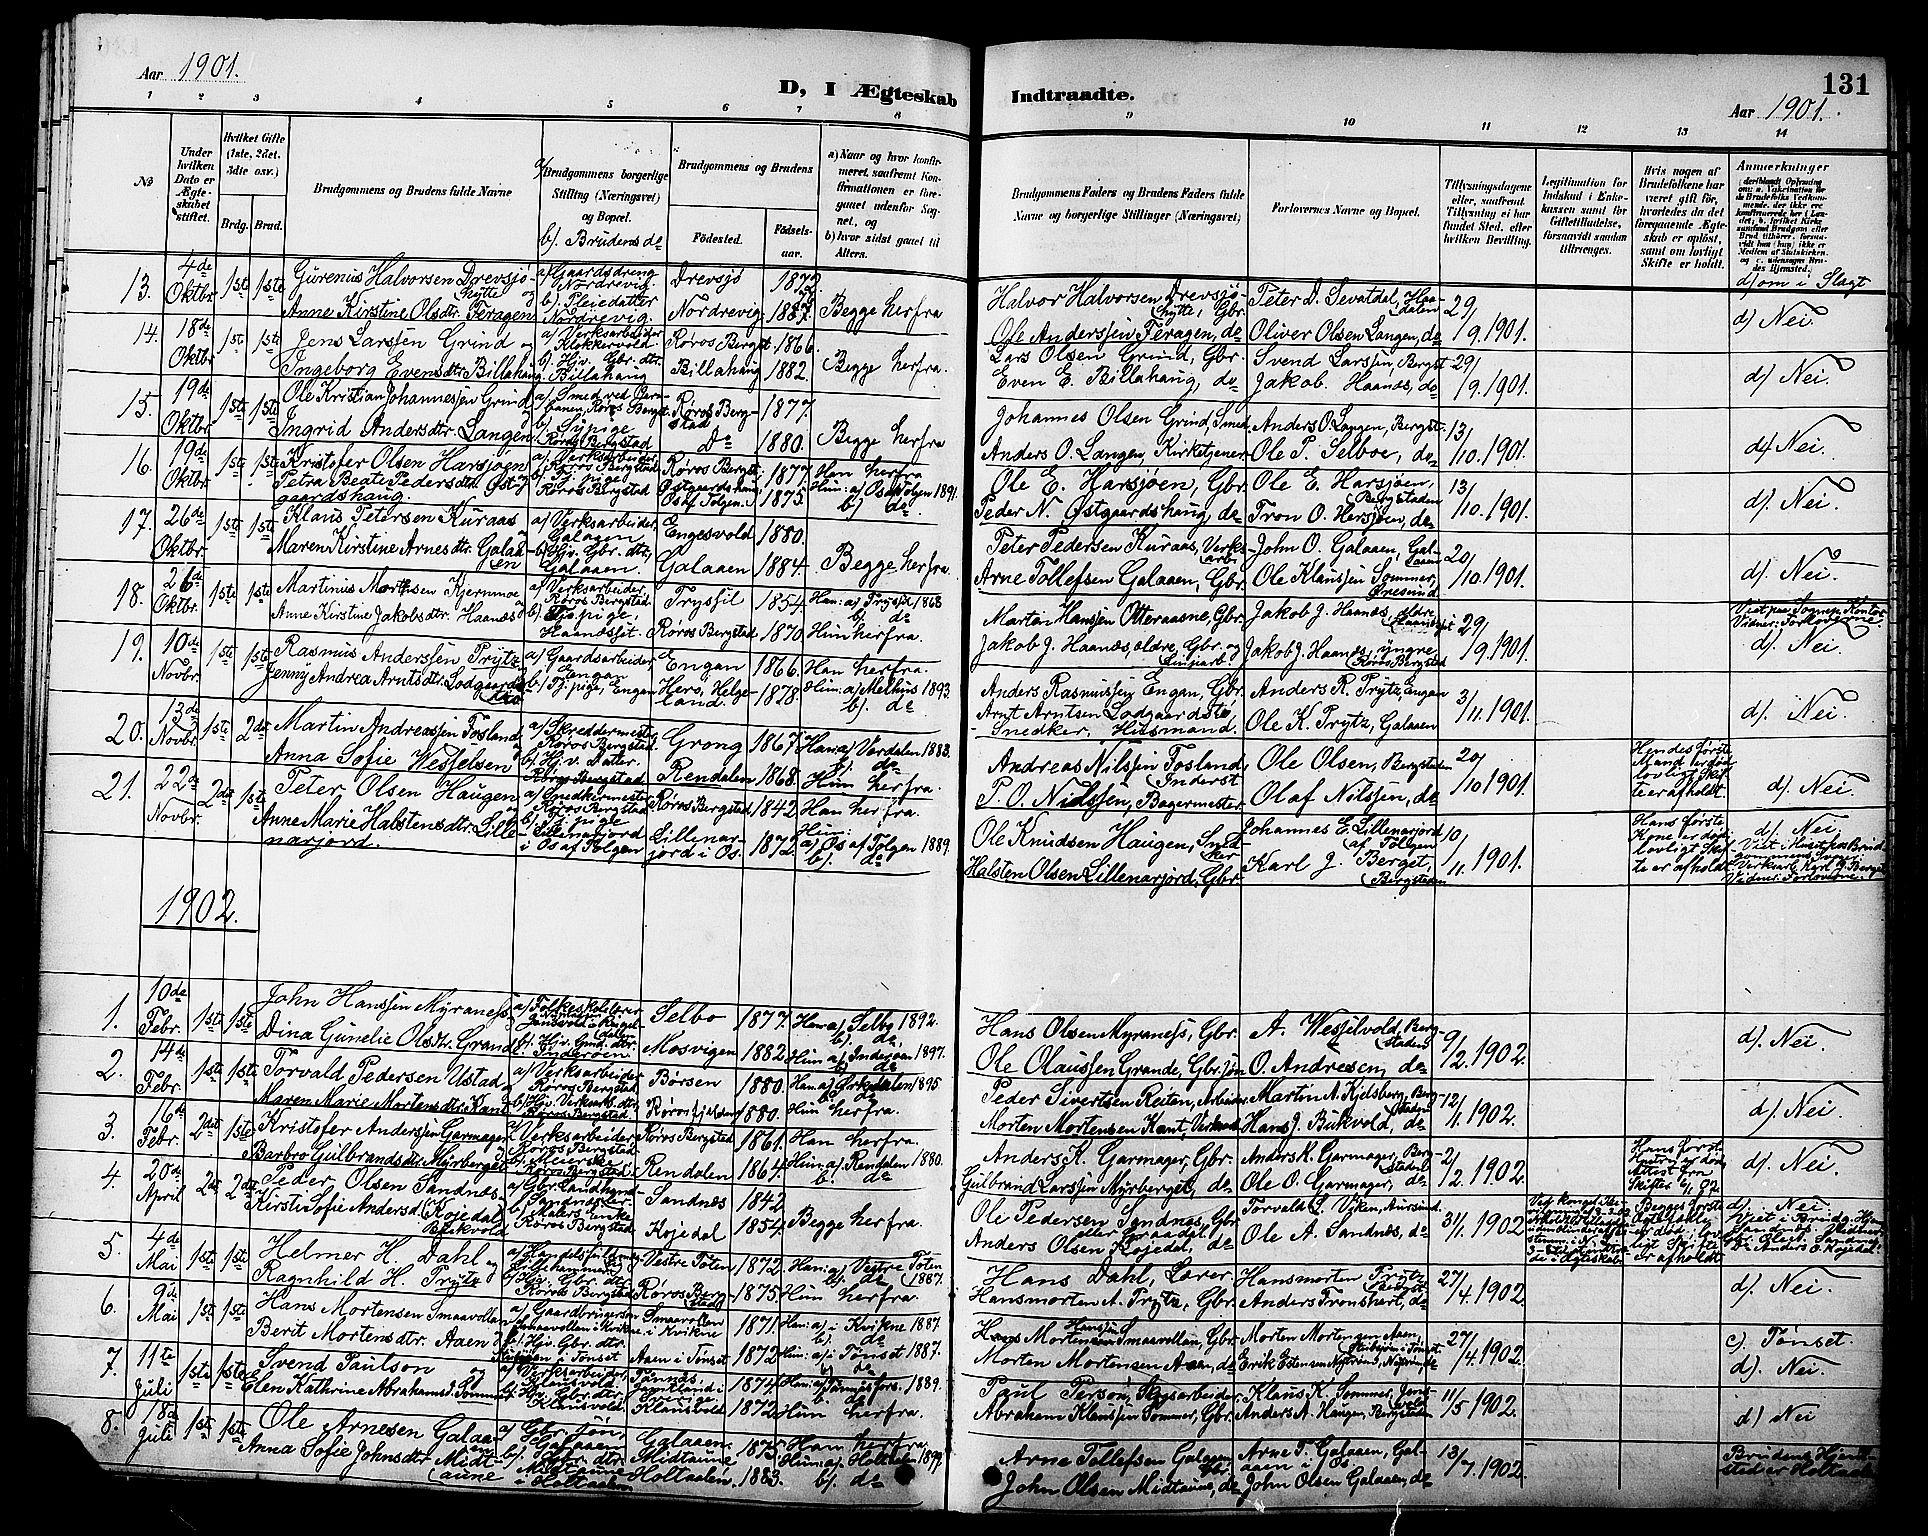 SAT, Ministerialprotokoller, klokkerbøker og fødselsregistre - Sør-Trøndelag, 681/L0941: Klokkerbok nr. 681C05, 1896-1905, s. 131